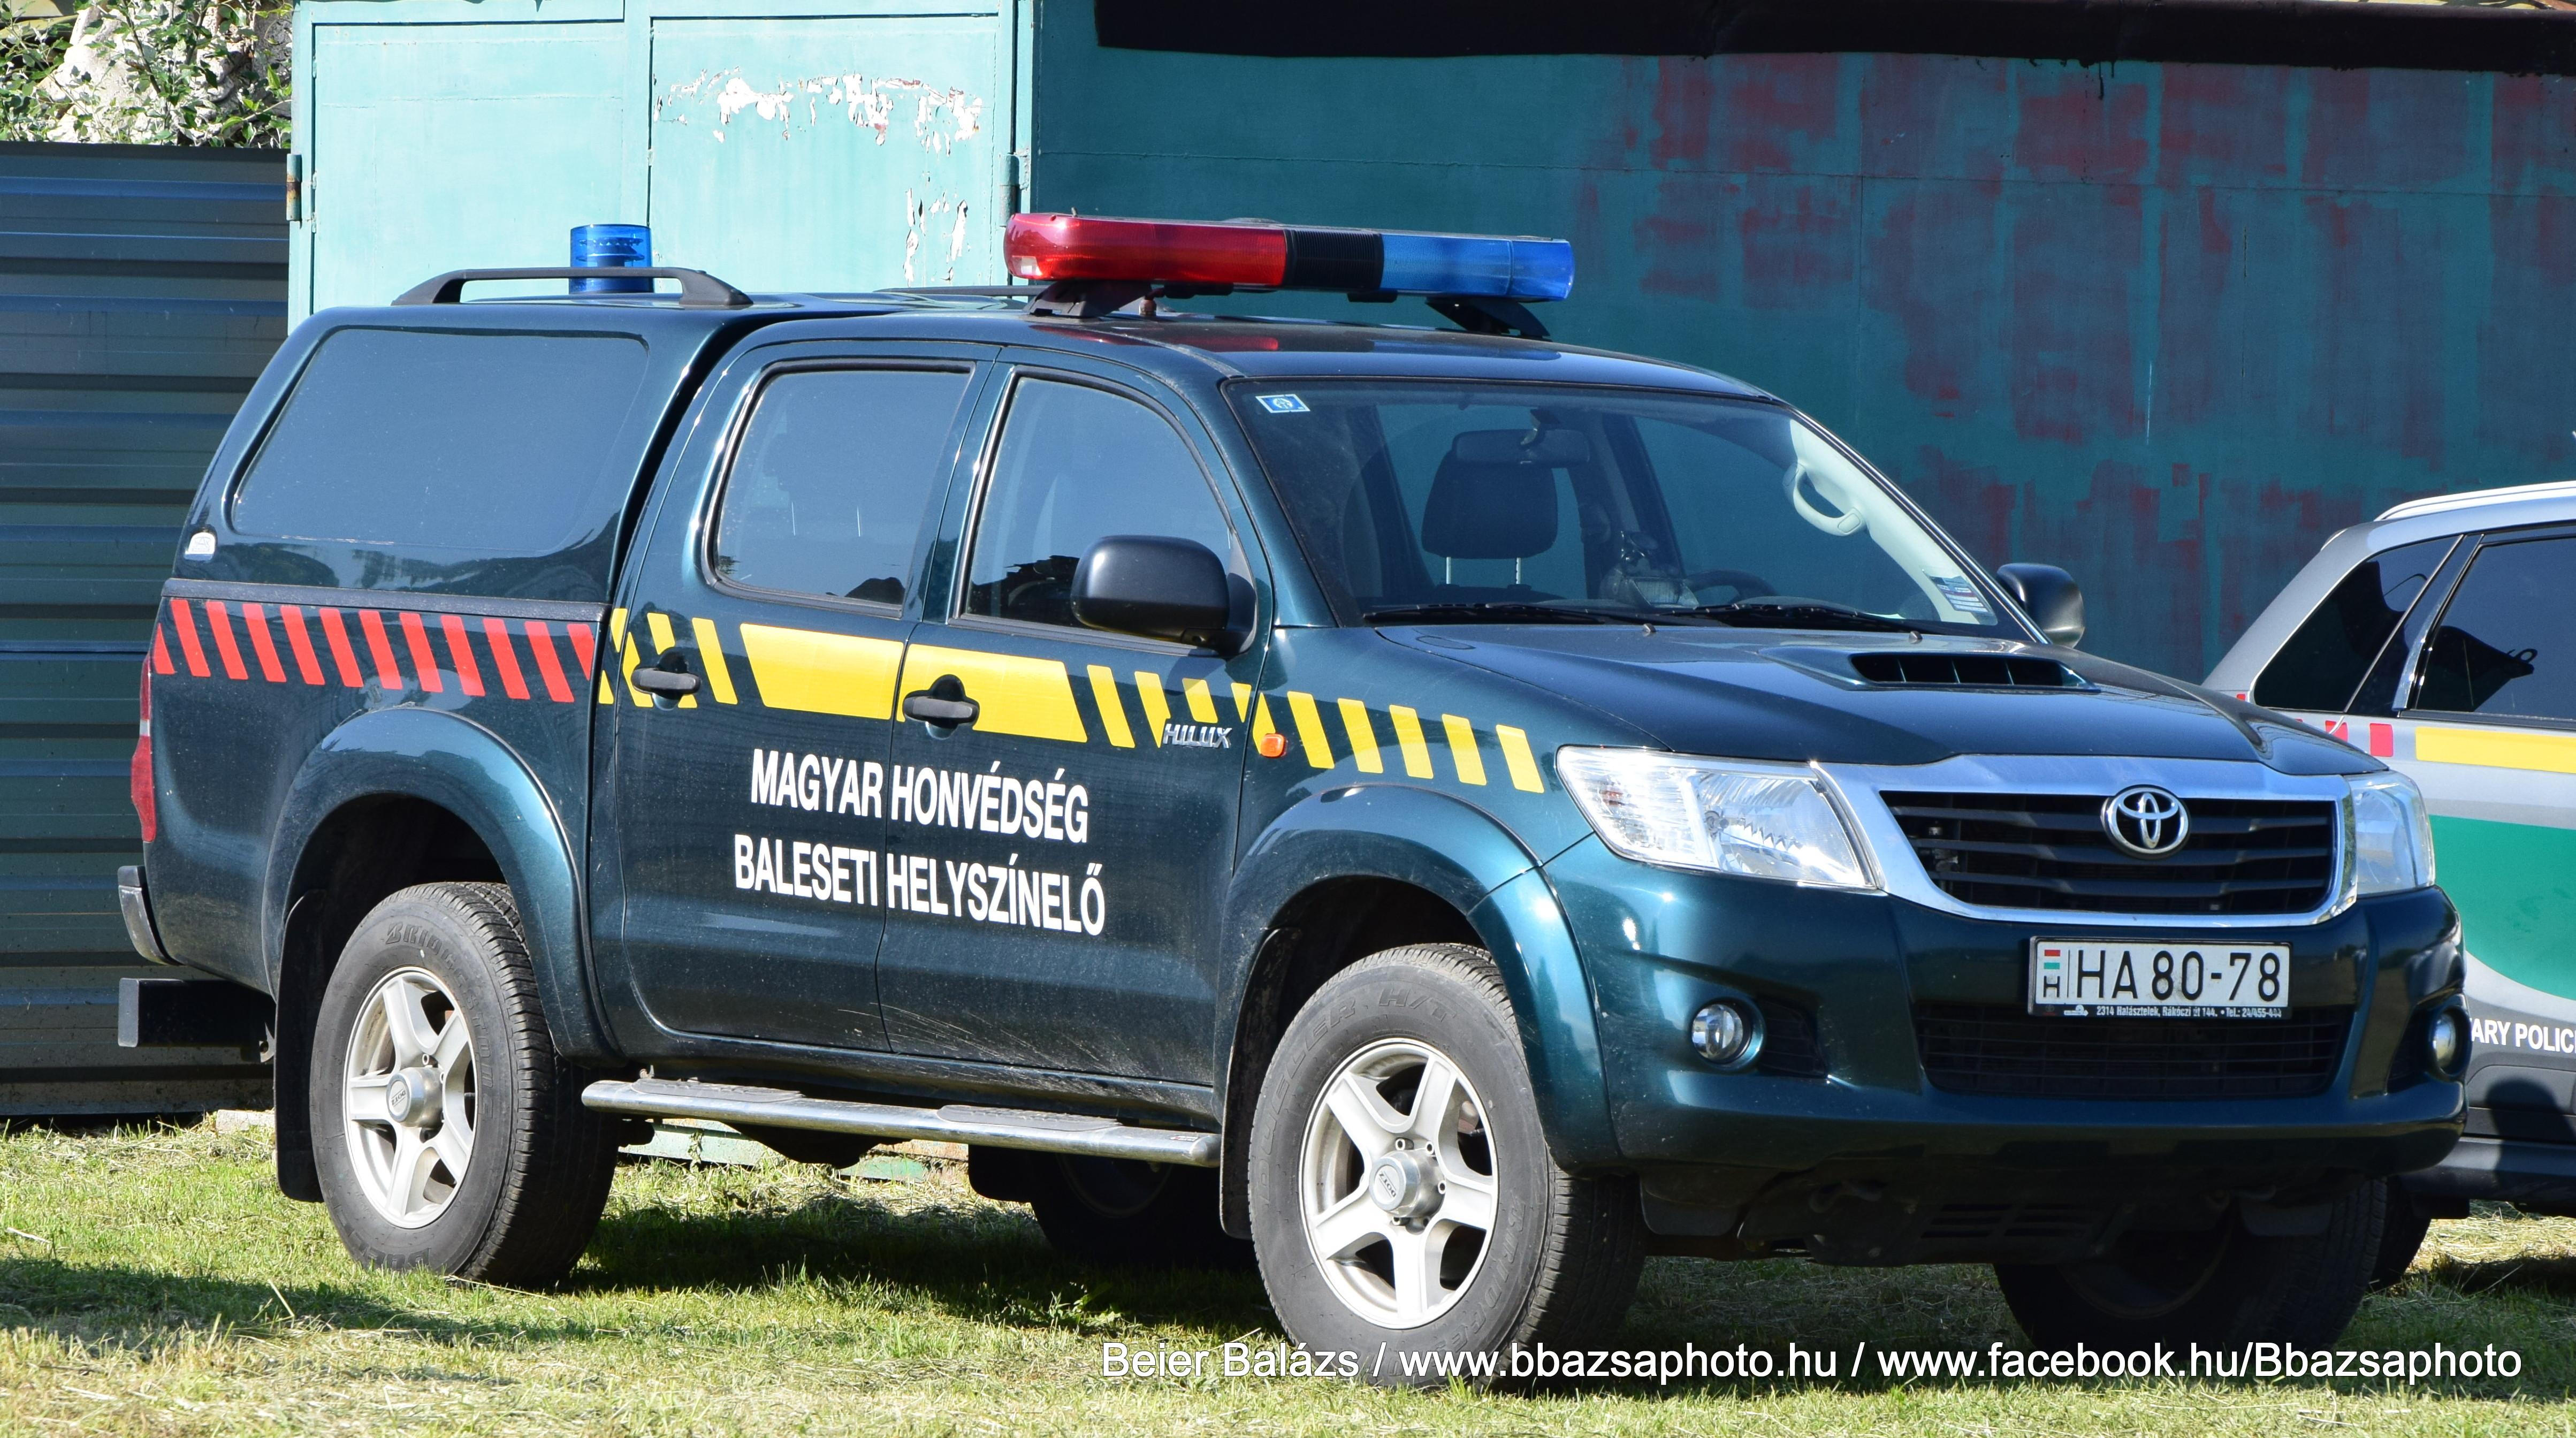 Toyota Hilux – Baleseti helyszínelő